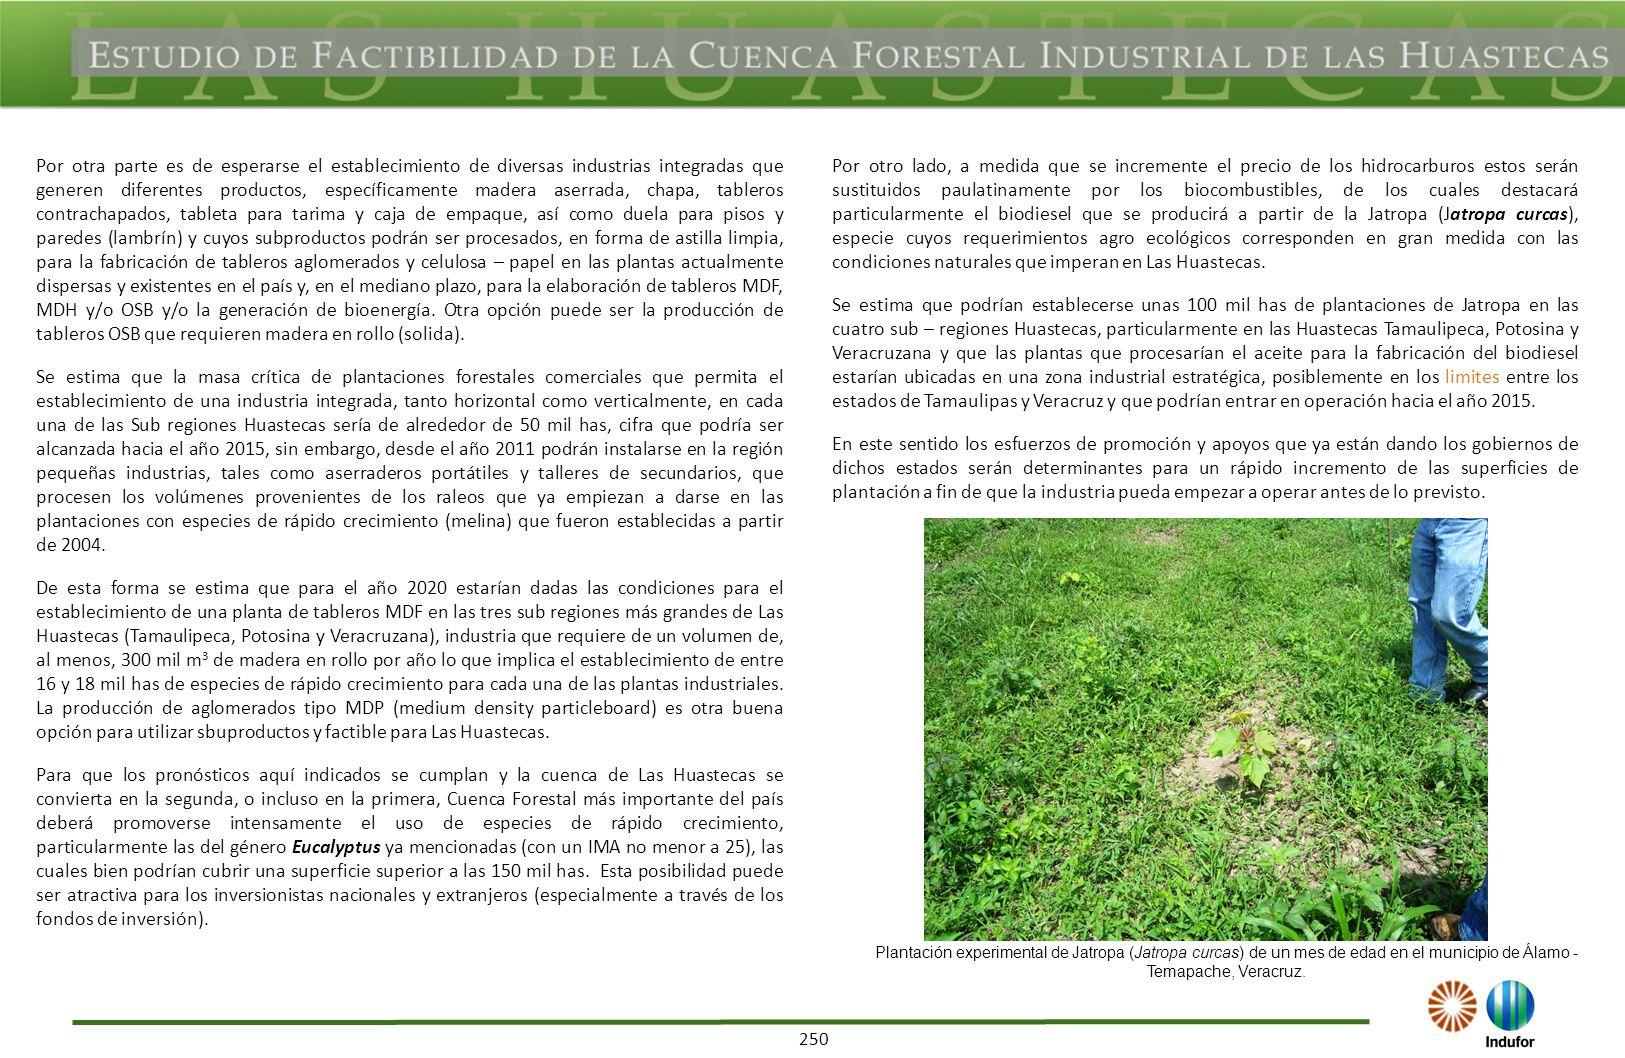 251 Para el caso de los productos potenciales que se pueden obtener de los bosques nativos, incluyendo los productos maderables y no maderables, correspondiente a la Cuenca Forestal Industrial de Las Huastecas.